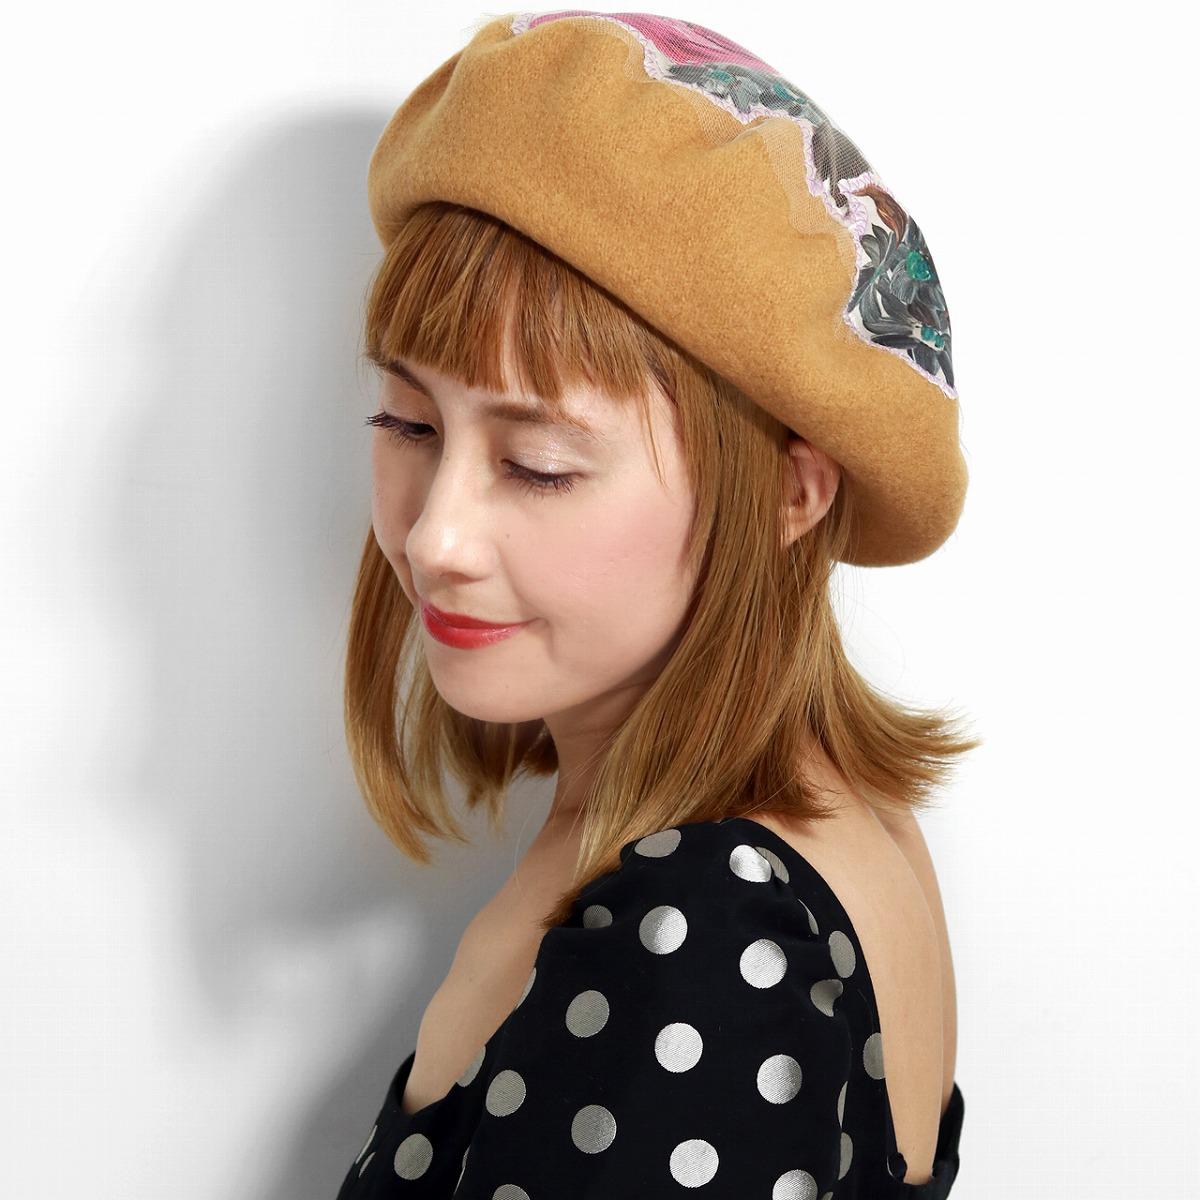 こだわり溢れるデザイン【バラ色の帽子】心が躍るロマンティックなベレー帽 帽子 エレガント 日本製 カトリーヌの庭 花 アップリケ 秋冬 ウール ベレー帽 Barairo no Boushi ベレー帽 プリント バラ色の帽子 可愛い からし色 サフラン 黄 [ beret ] プレゼント 帽子 母の日 ギフト 敬老の日